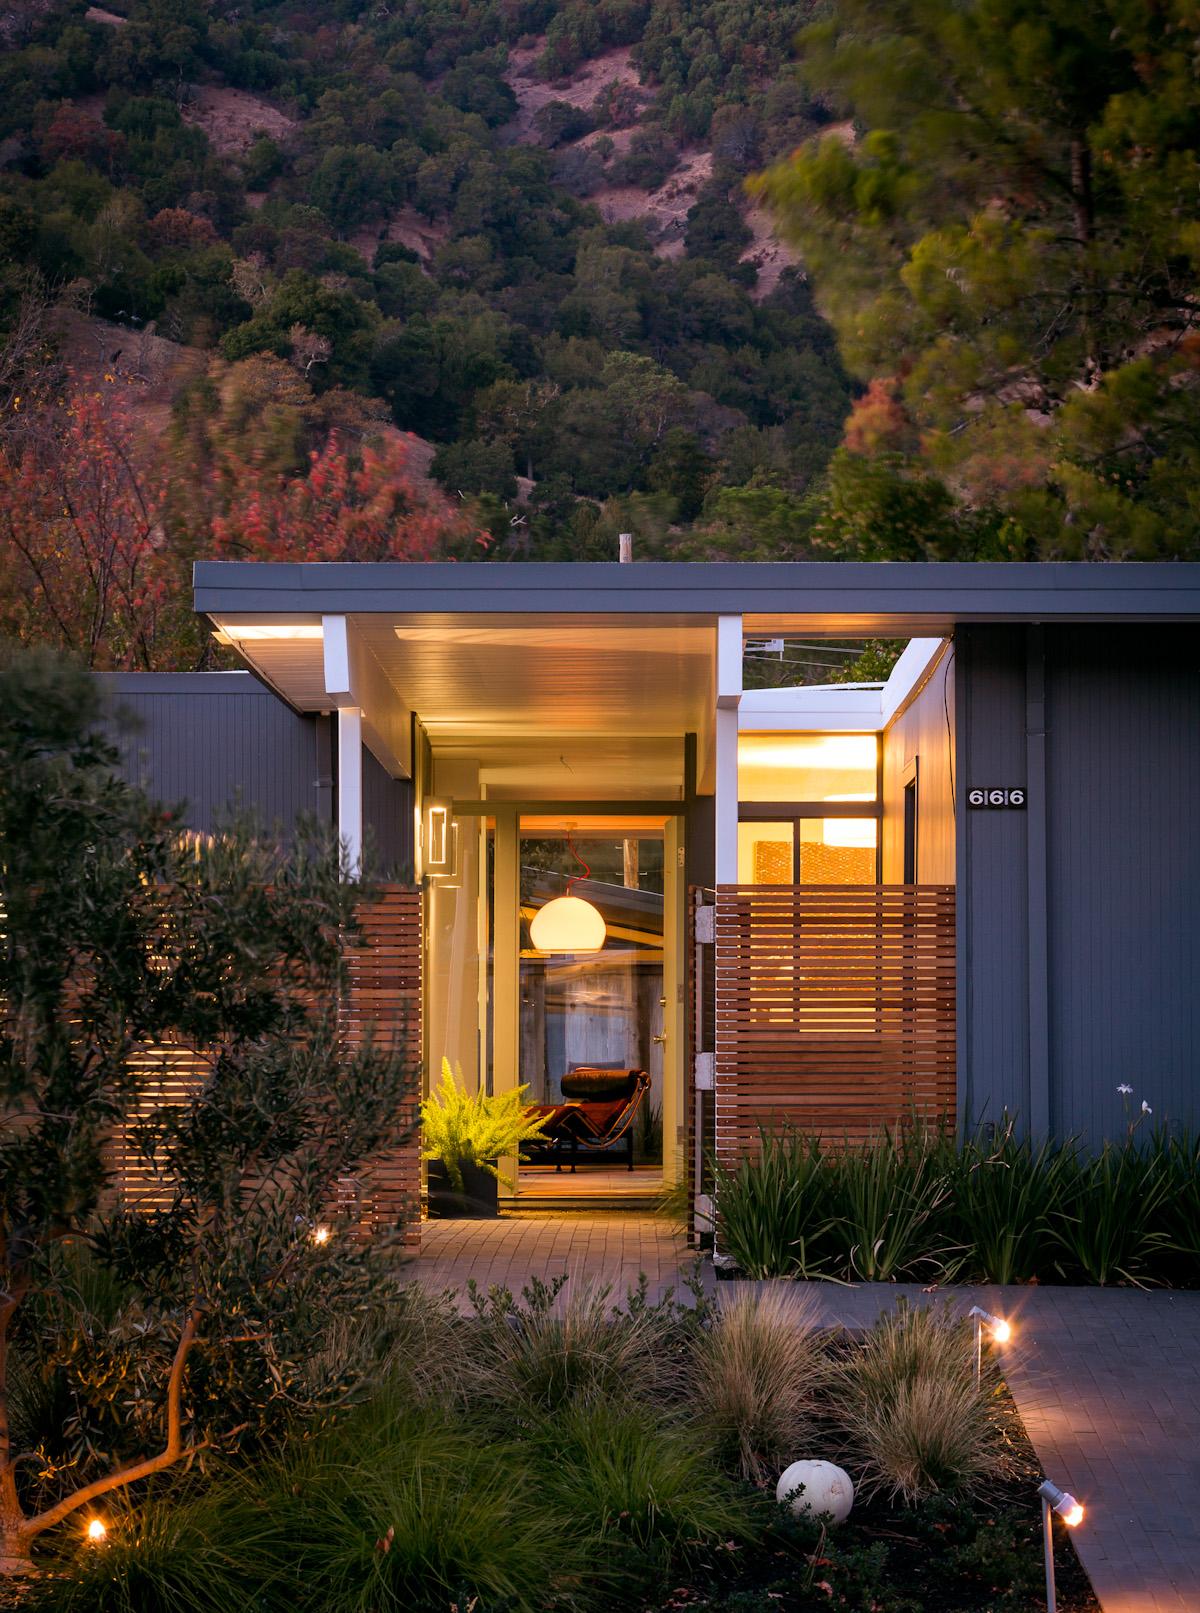 От входа, при открытой двери, дом просматривается насквозь до внутреннего двора